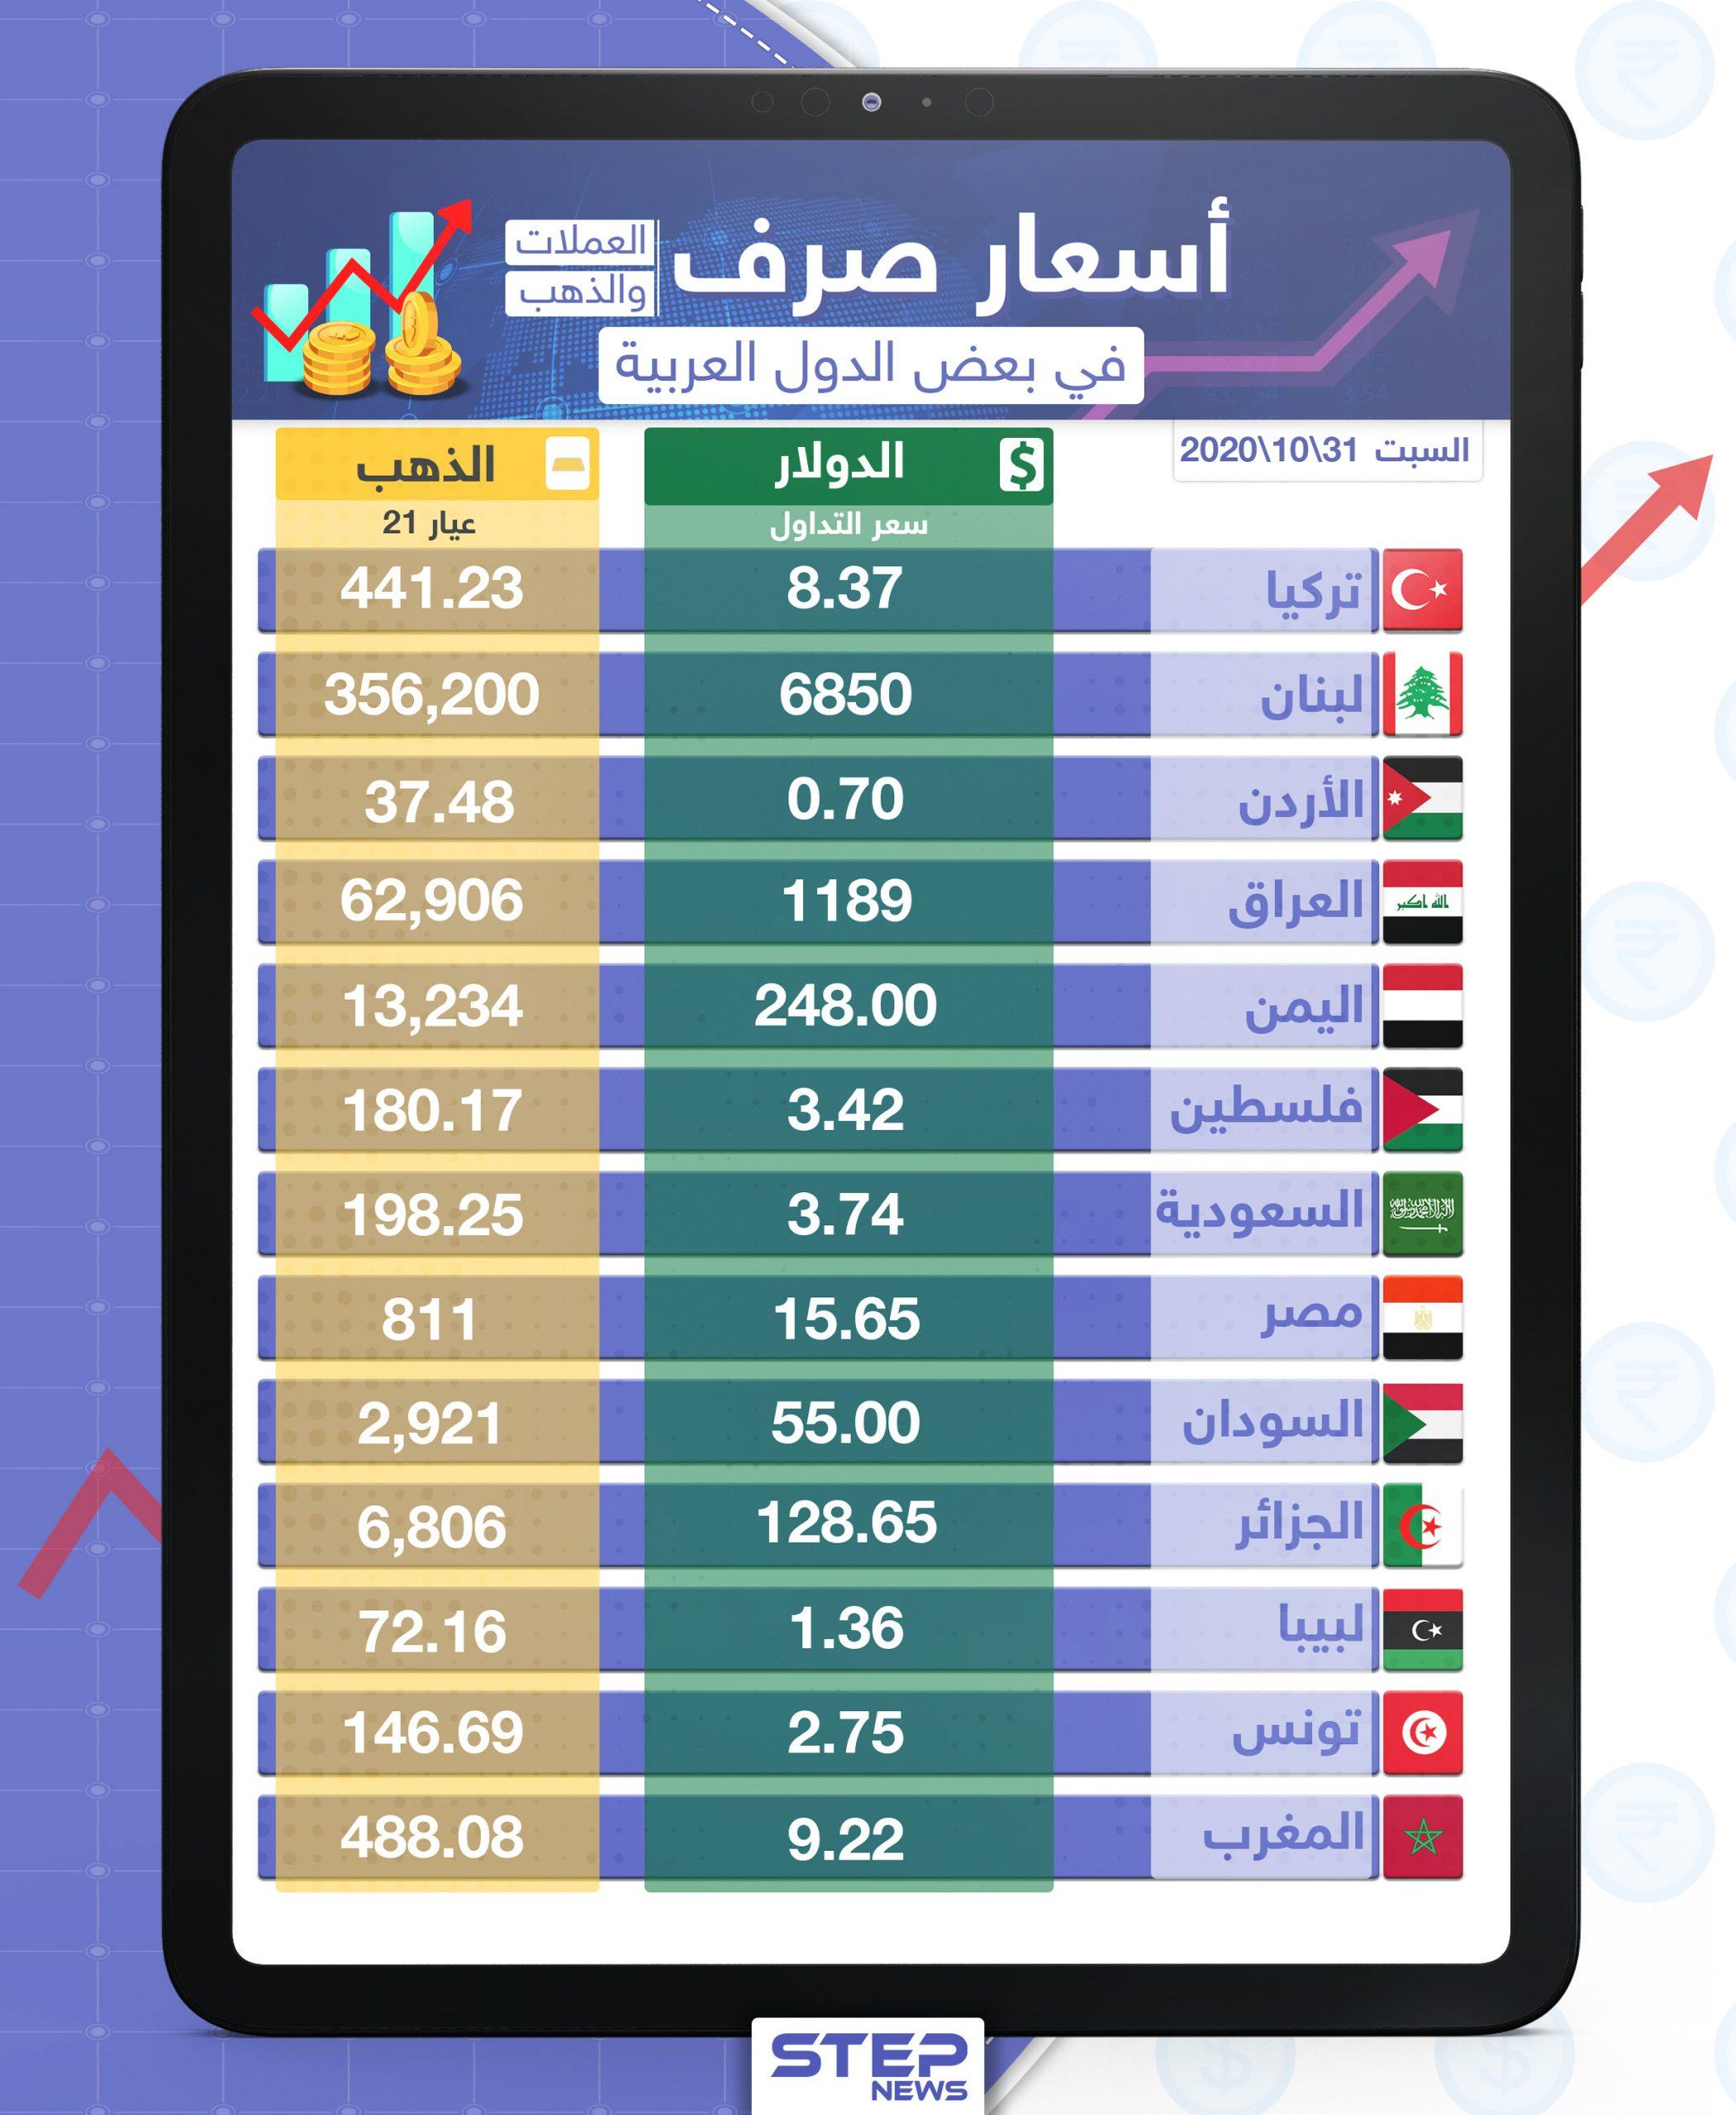 أسعار الذهب والعملات للدول العربية وتركيا اليوم السبت الموافق 31 تشرين الأول 2020